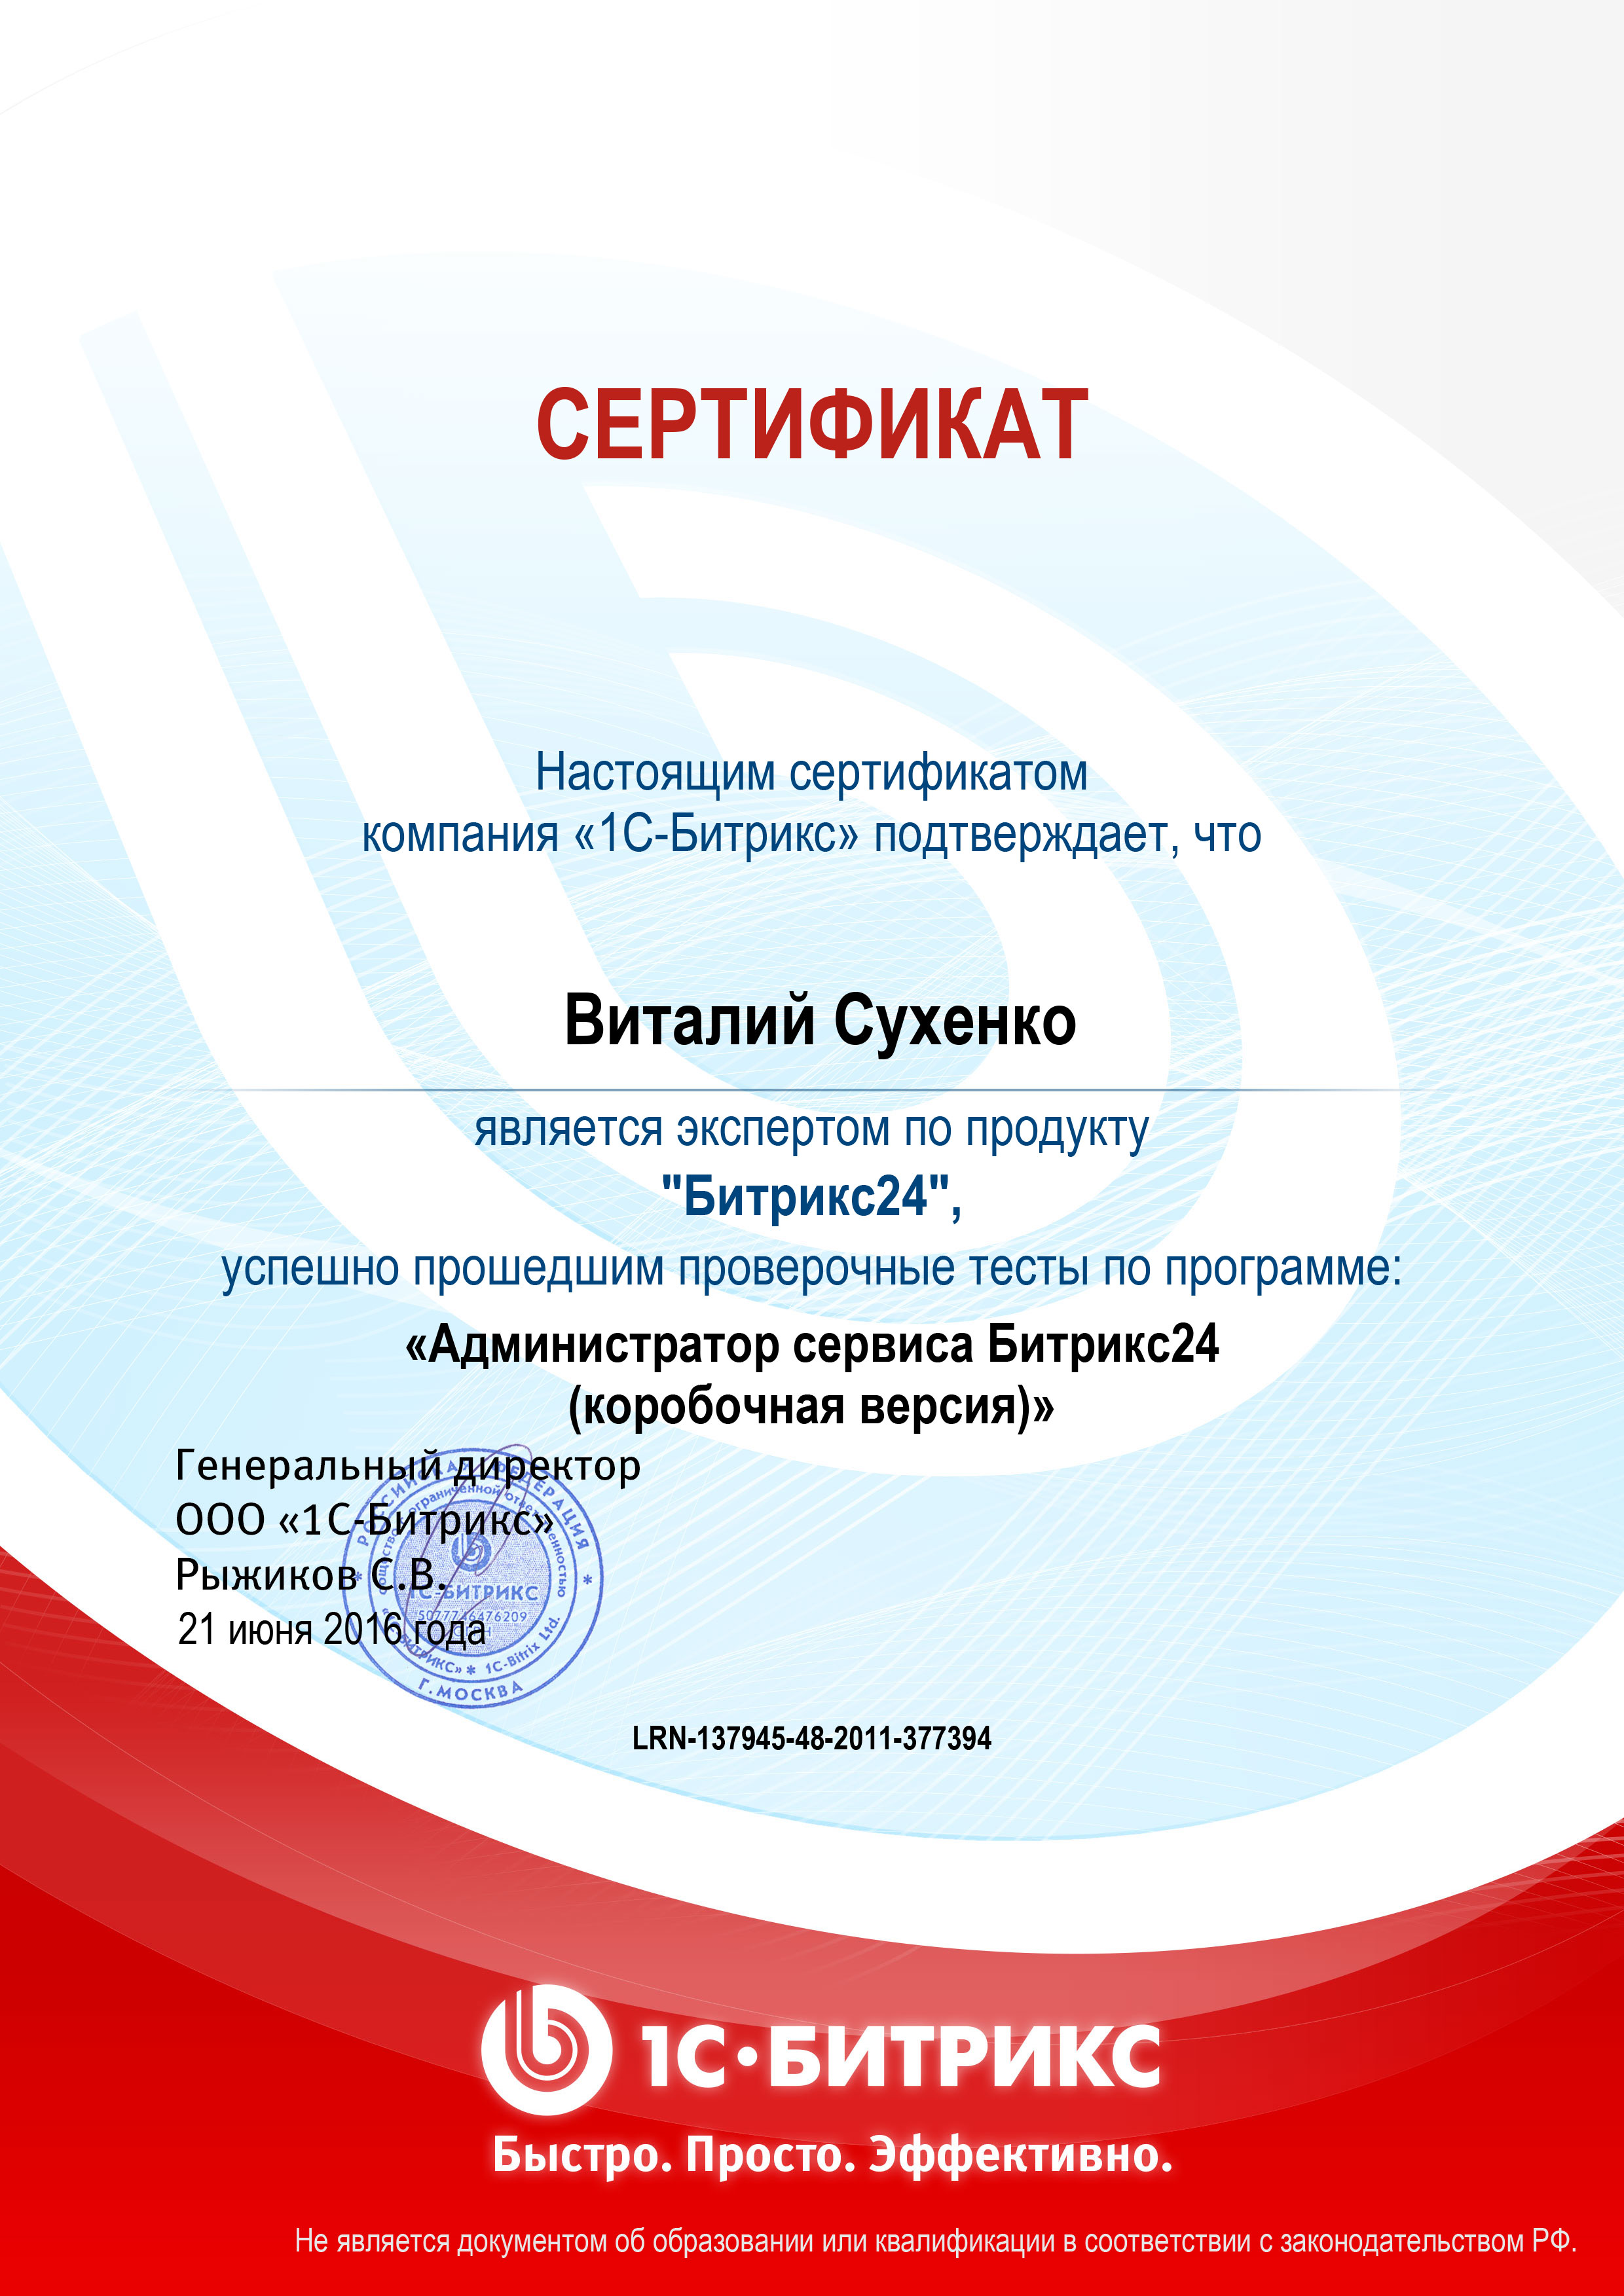 sertificate_b24_vs.jpg